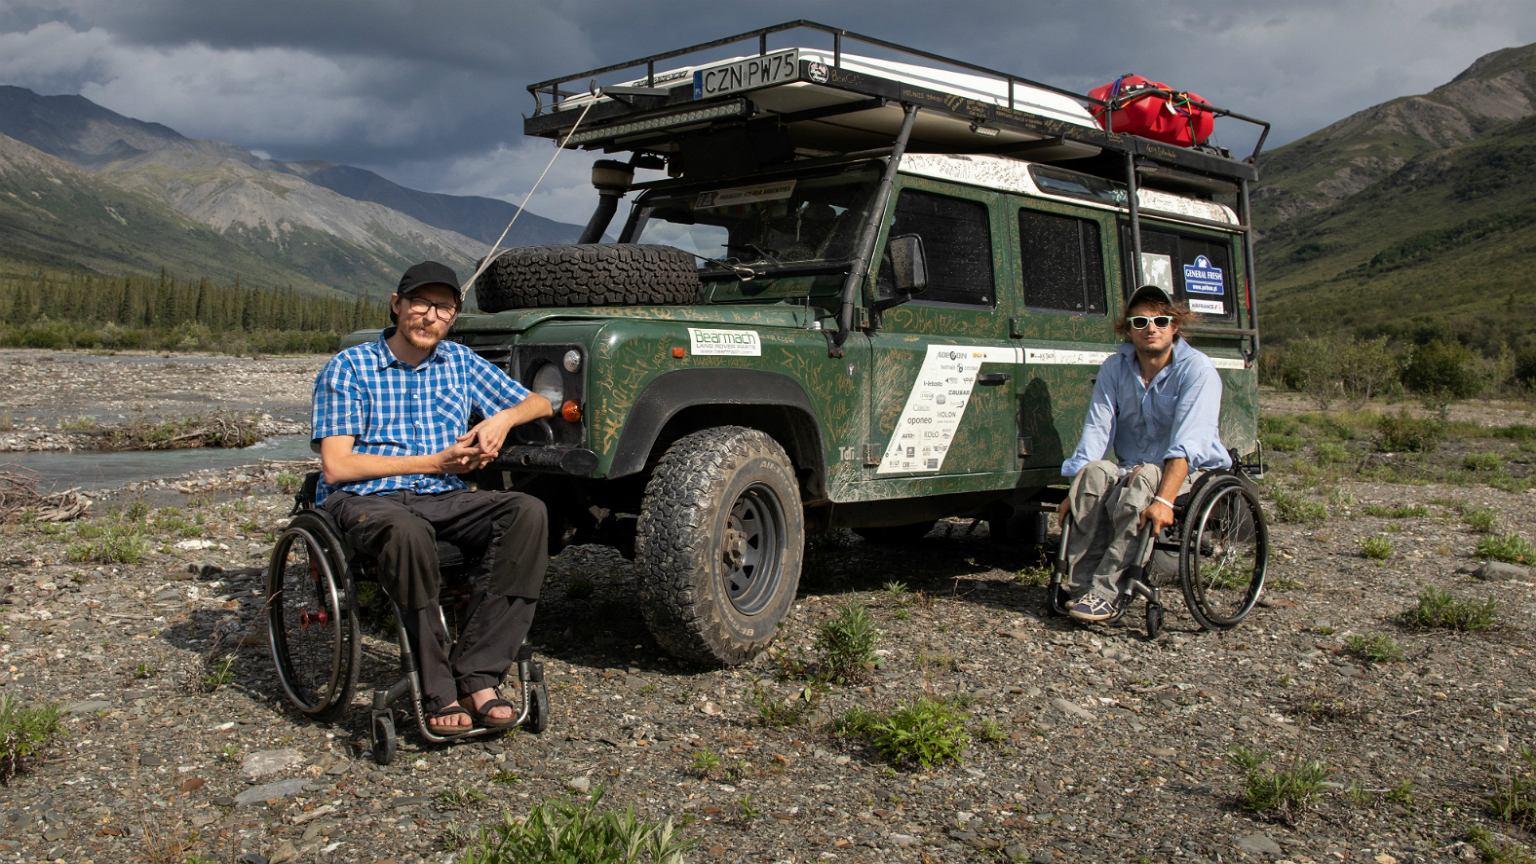 Michał i Maciej jako pierwsi podróżnicy na wózkach inwalidzkich samodzielnie przejechali terenowym samochodem dwie Ameryki